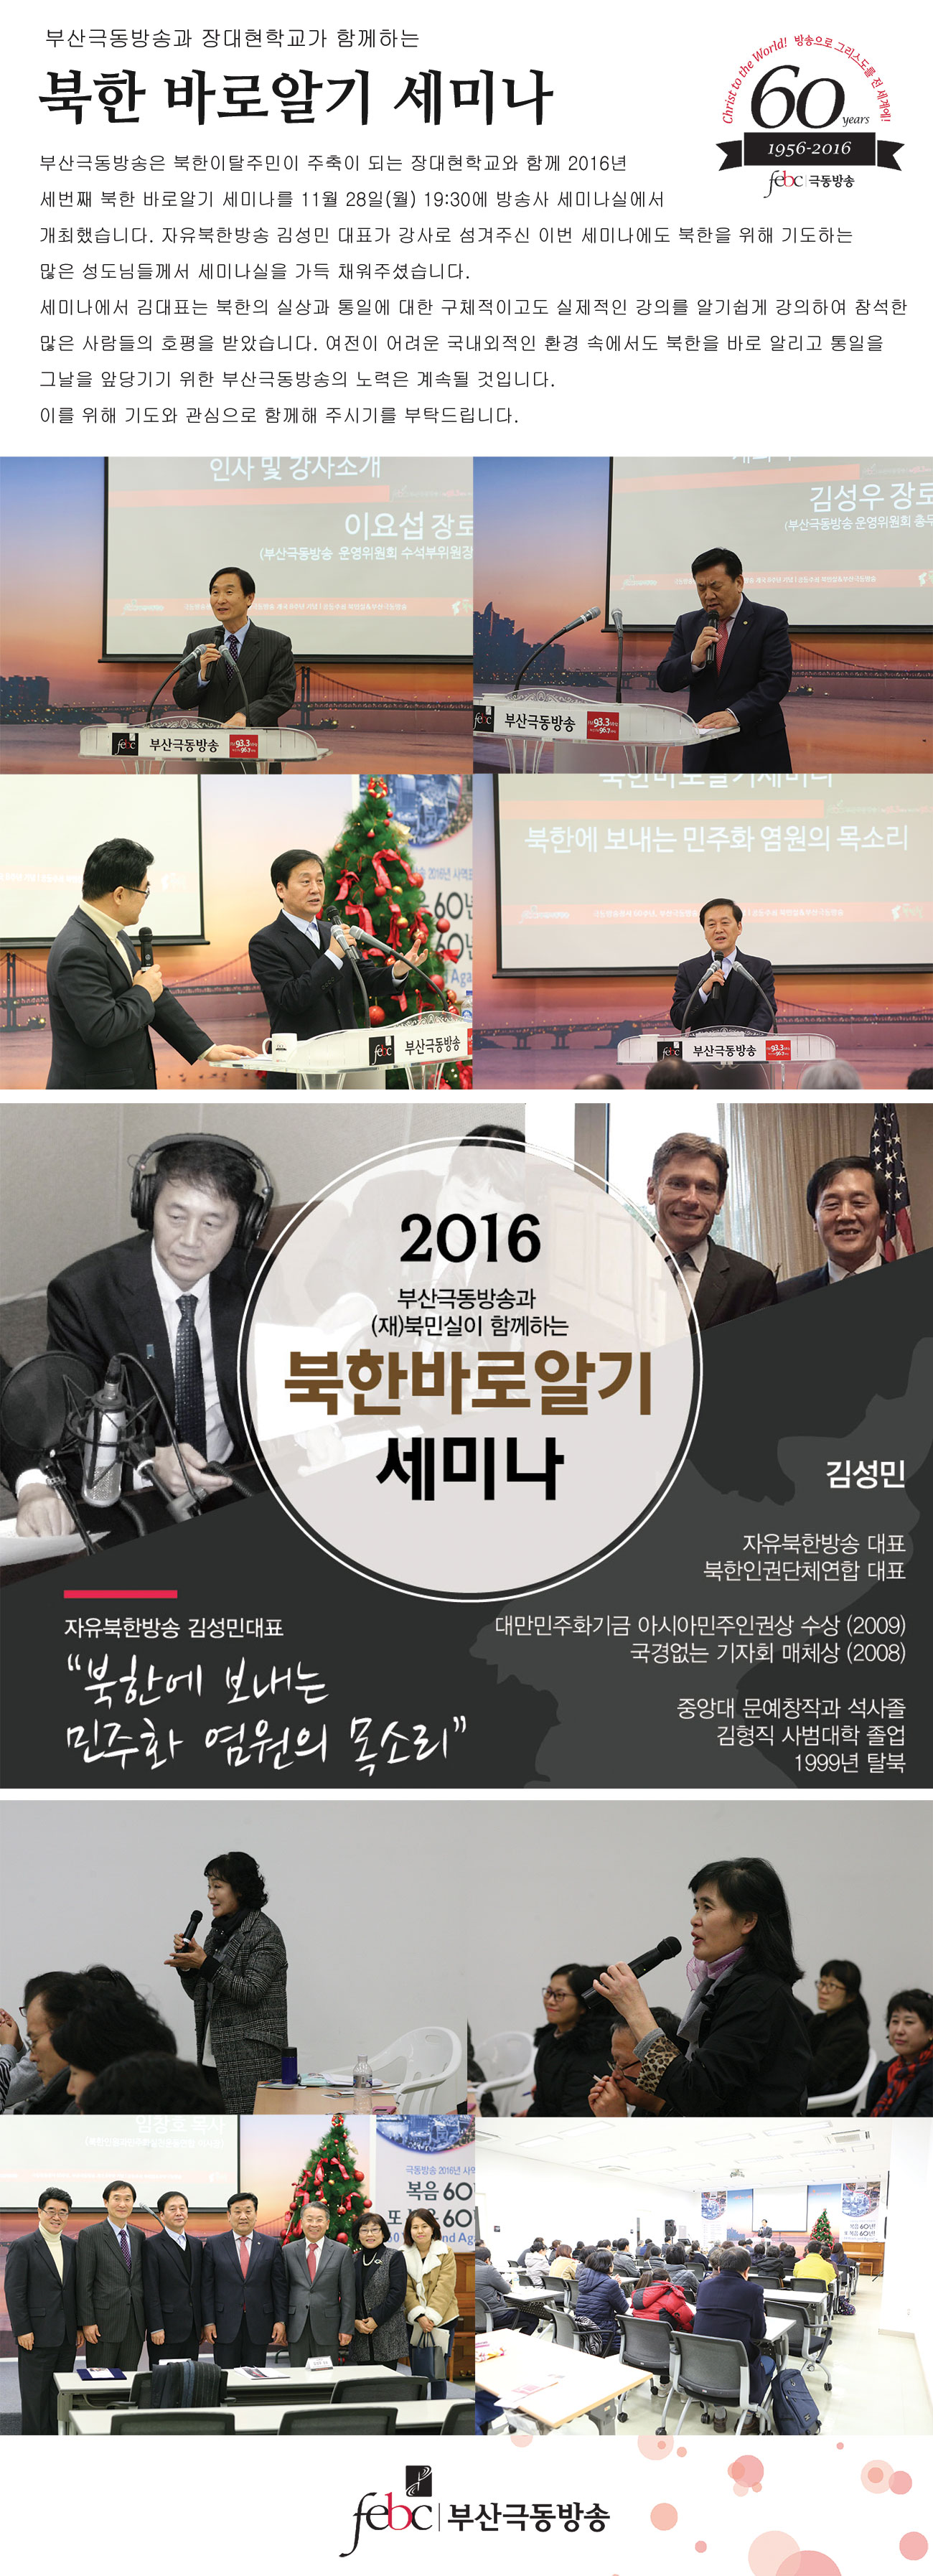 20161128_북한바로알기세미나.jpg